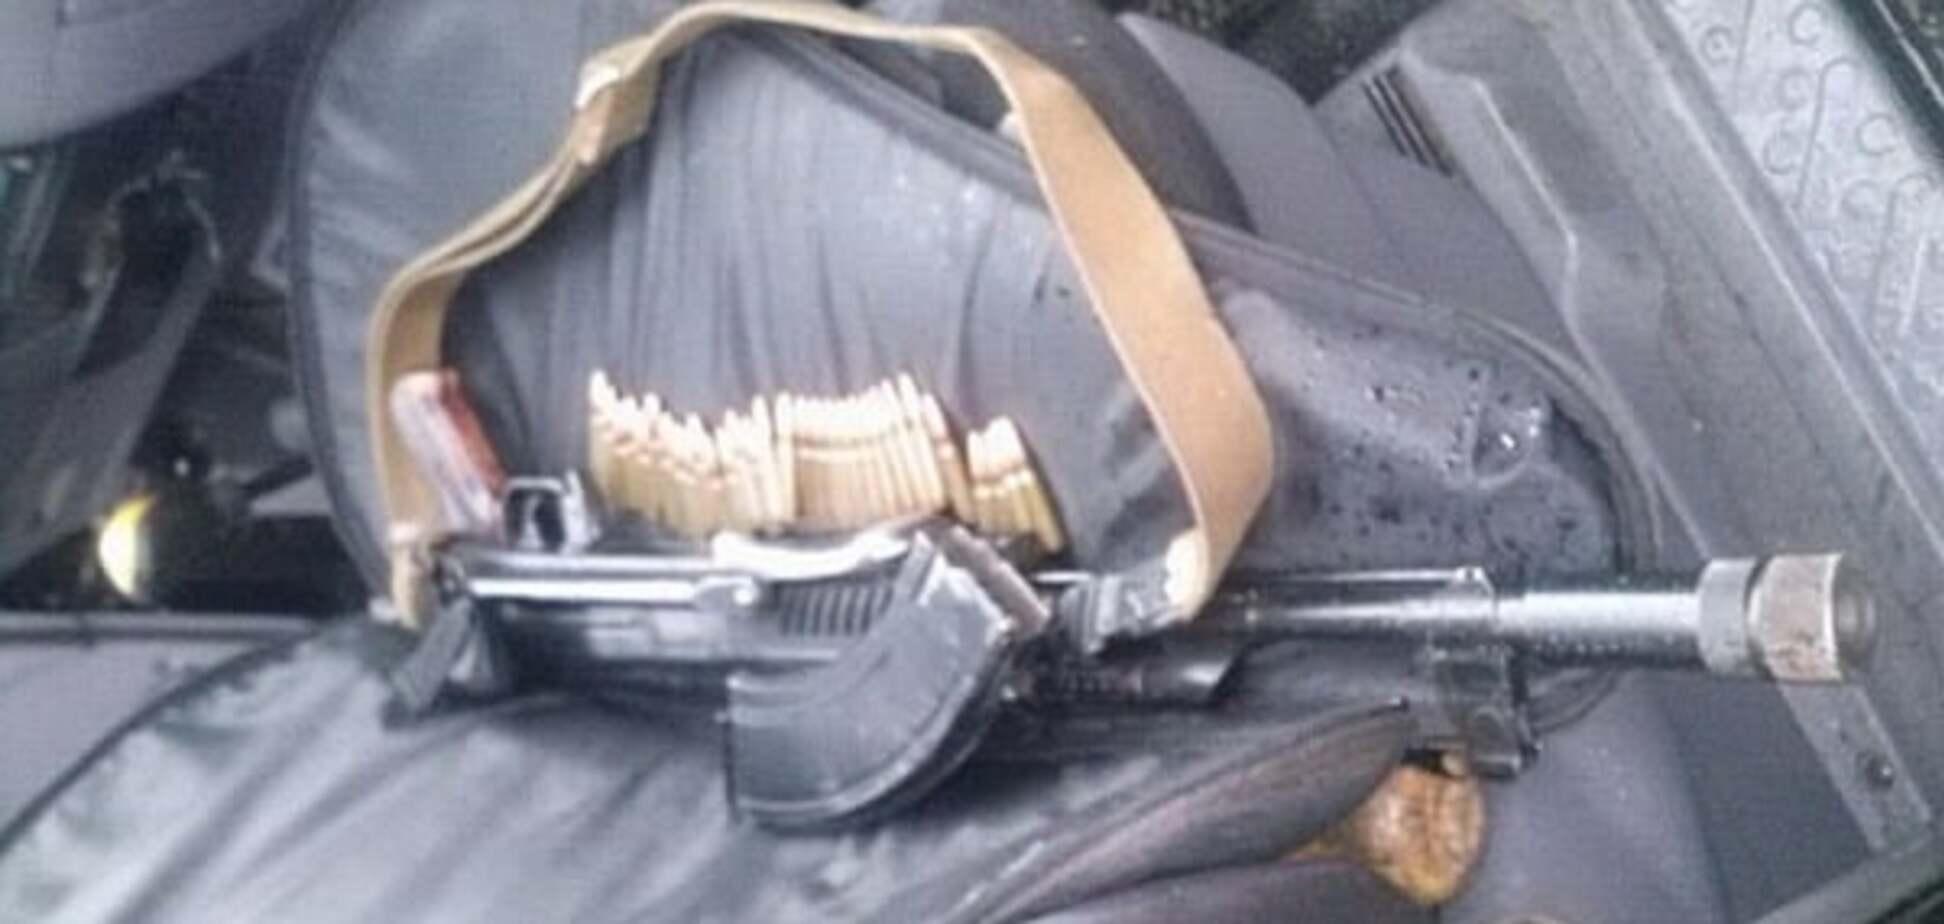 Опять 'Правый сектор'? На въезде в Закарпатье задержали вооруженных бойцов: фотофакт